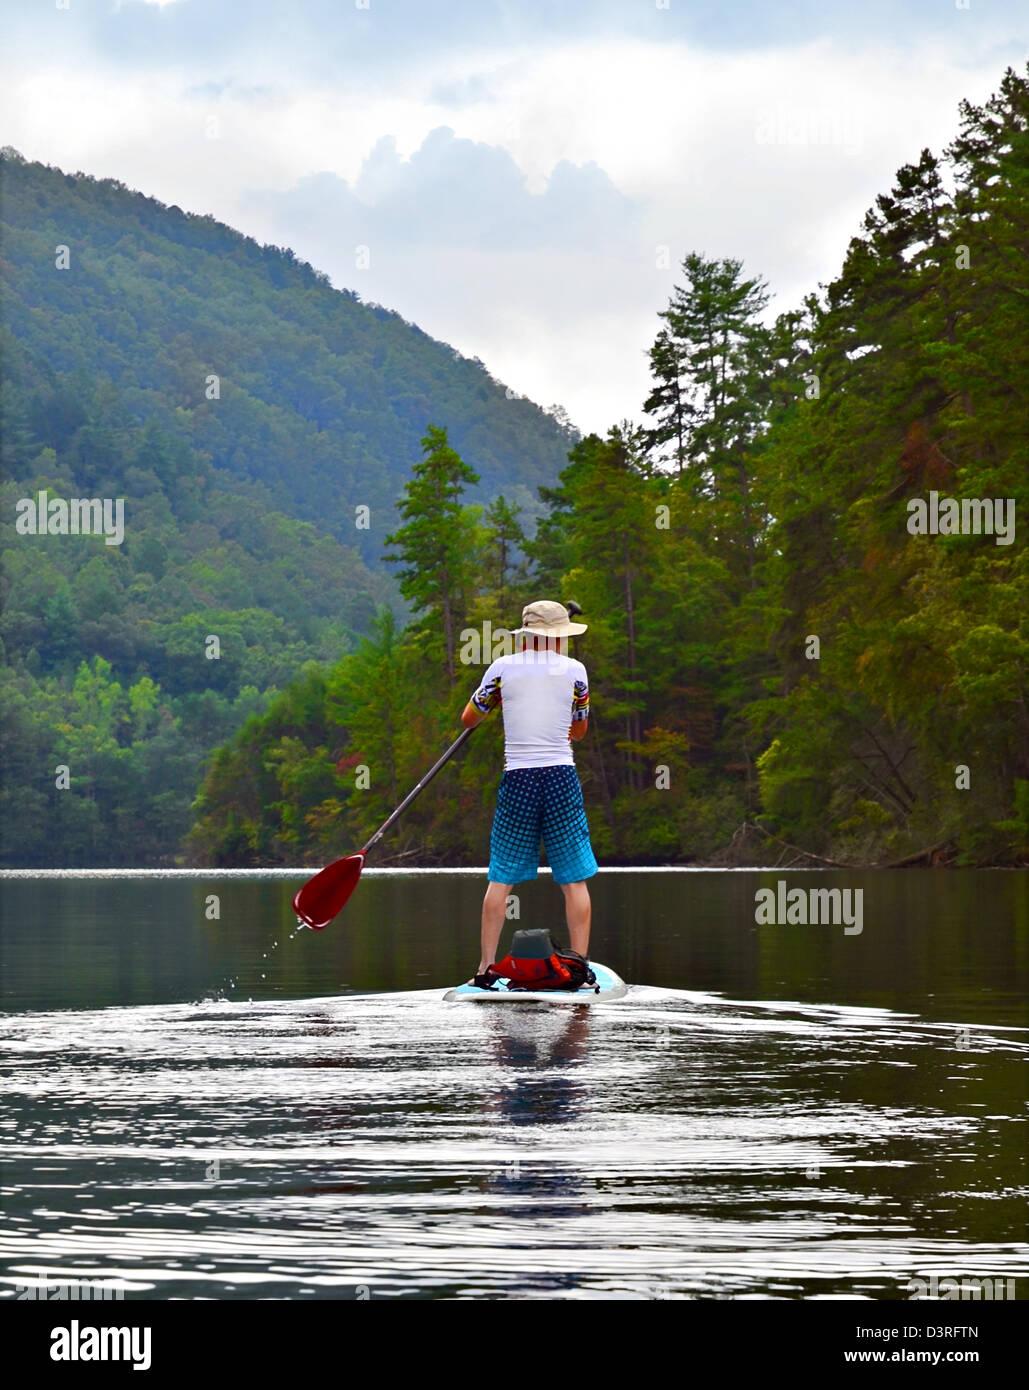 Un uomo su un paddleboard in un lago di montagna. Immagini Stock